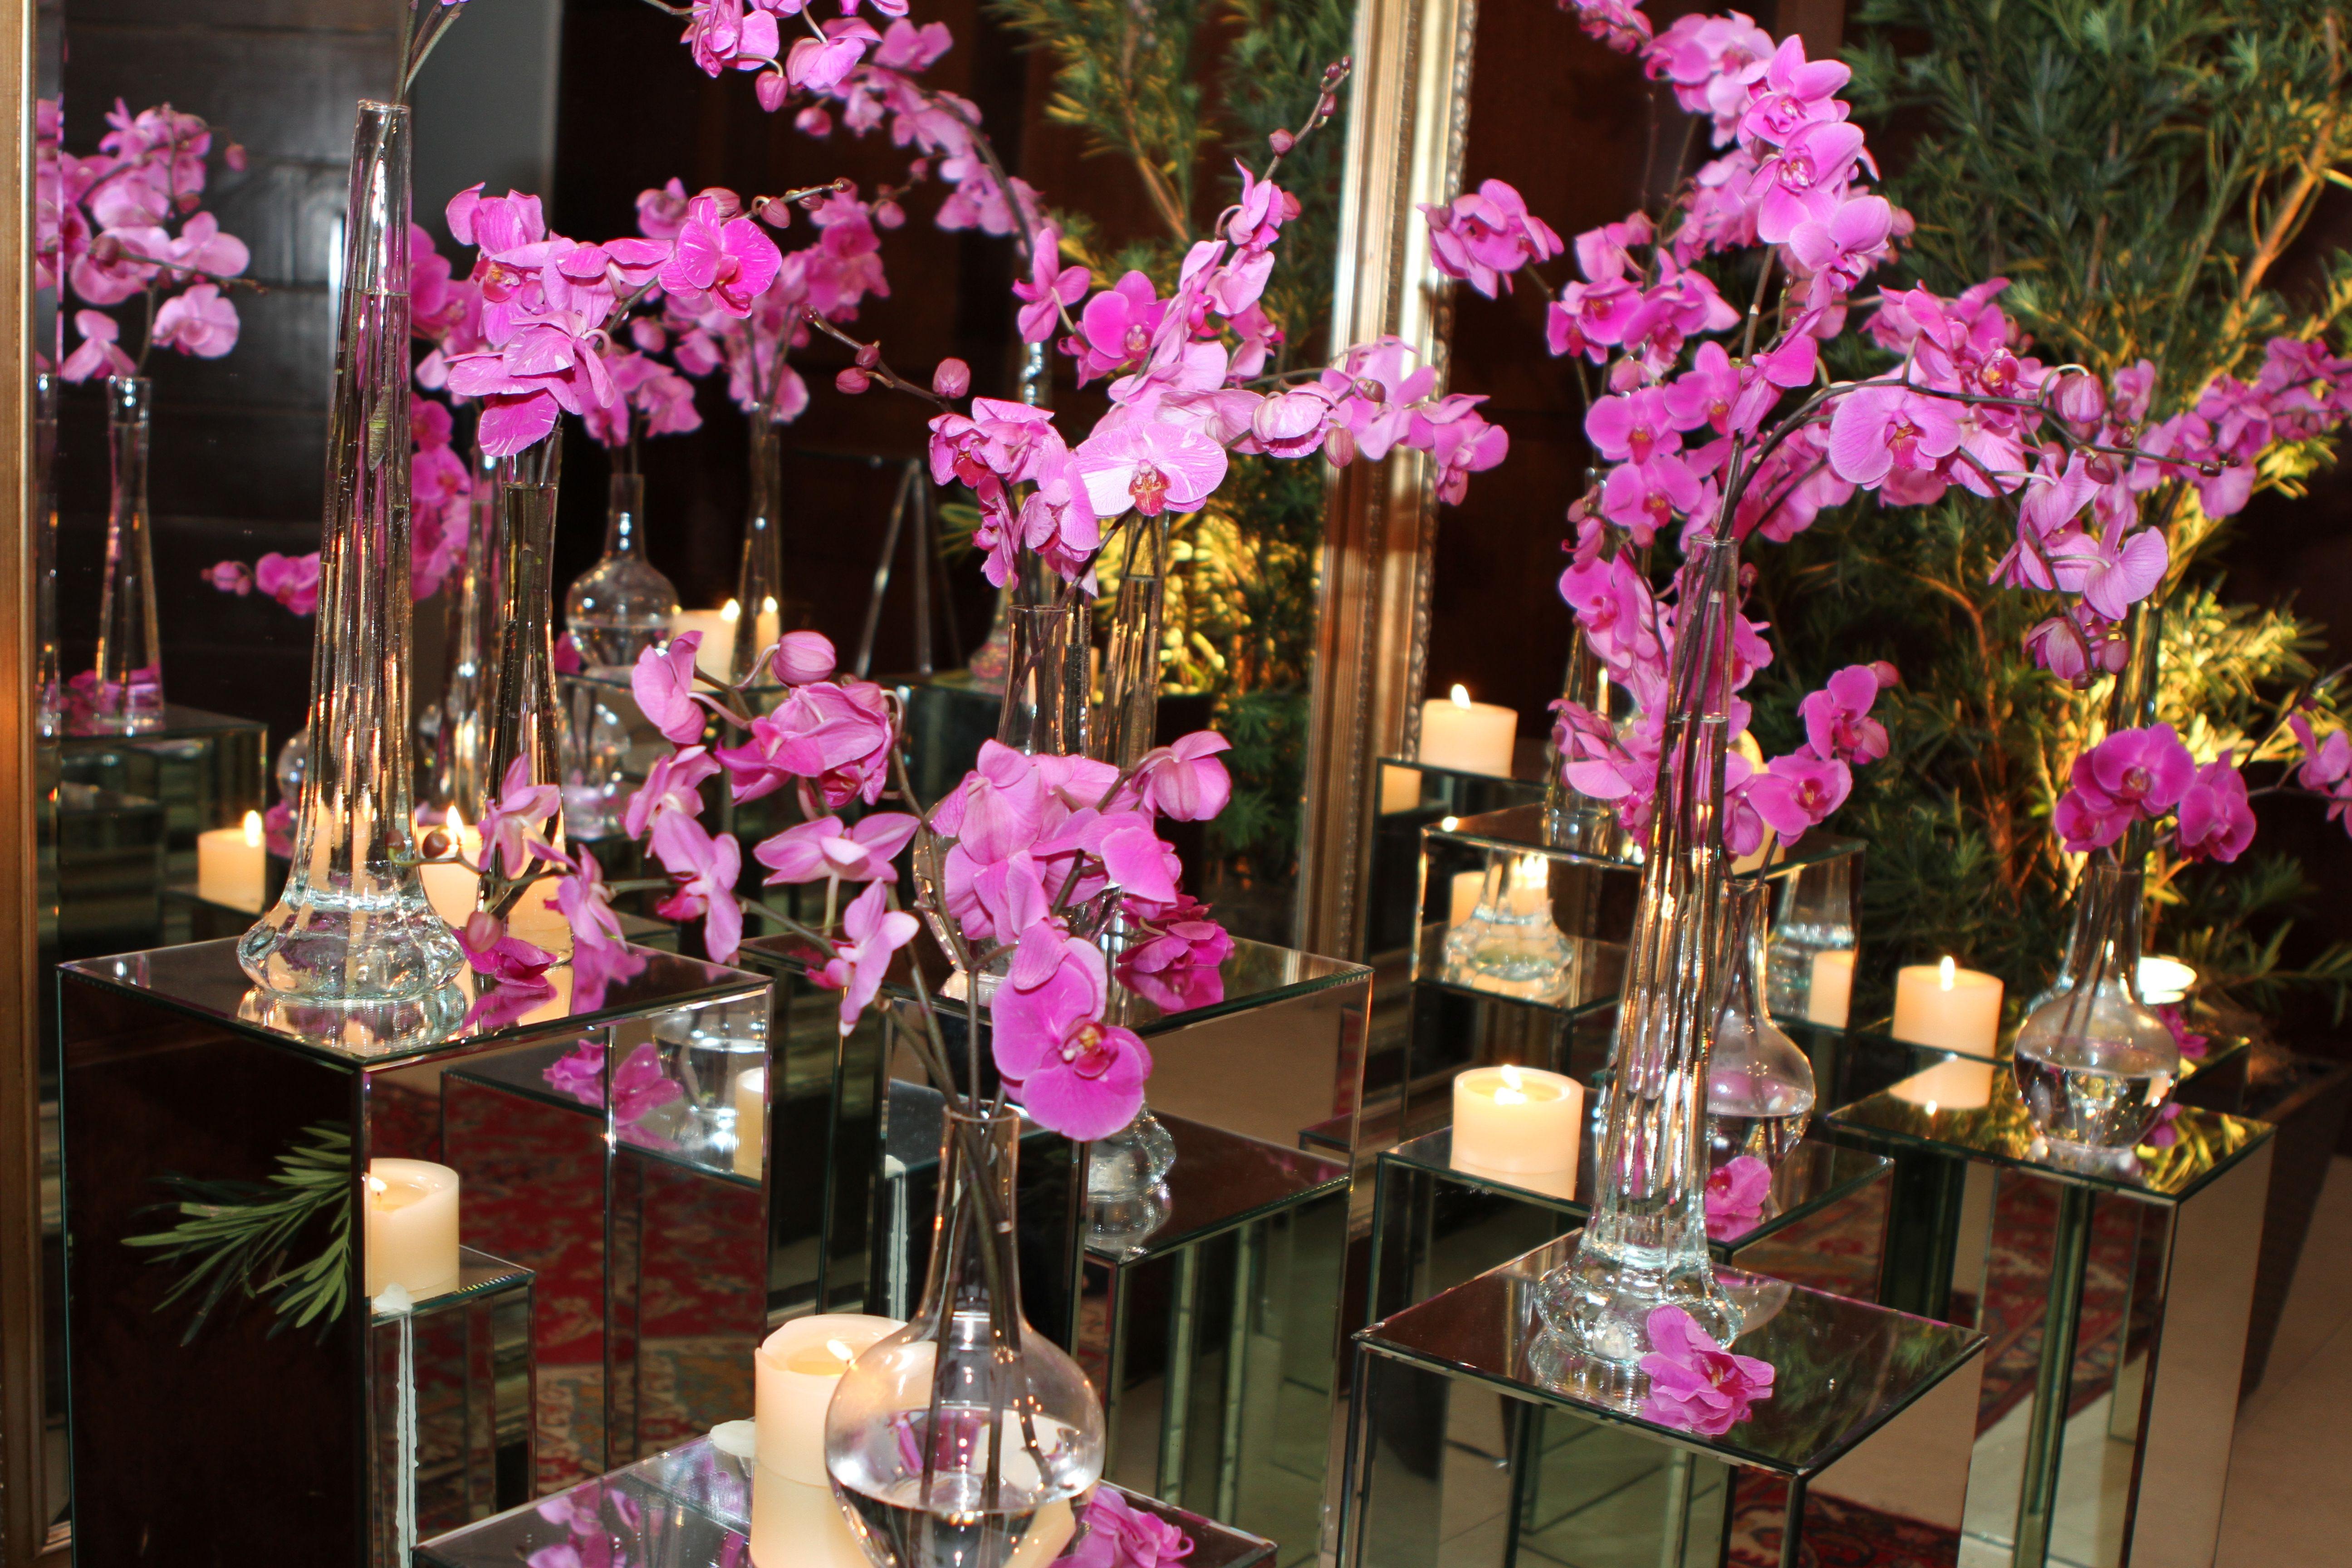 para receber os convidados escolhidos e queridos um encontro com cores e nobreza de flores